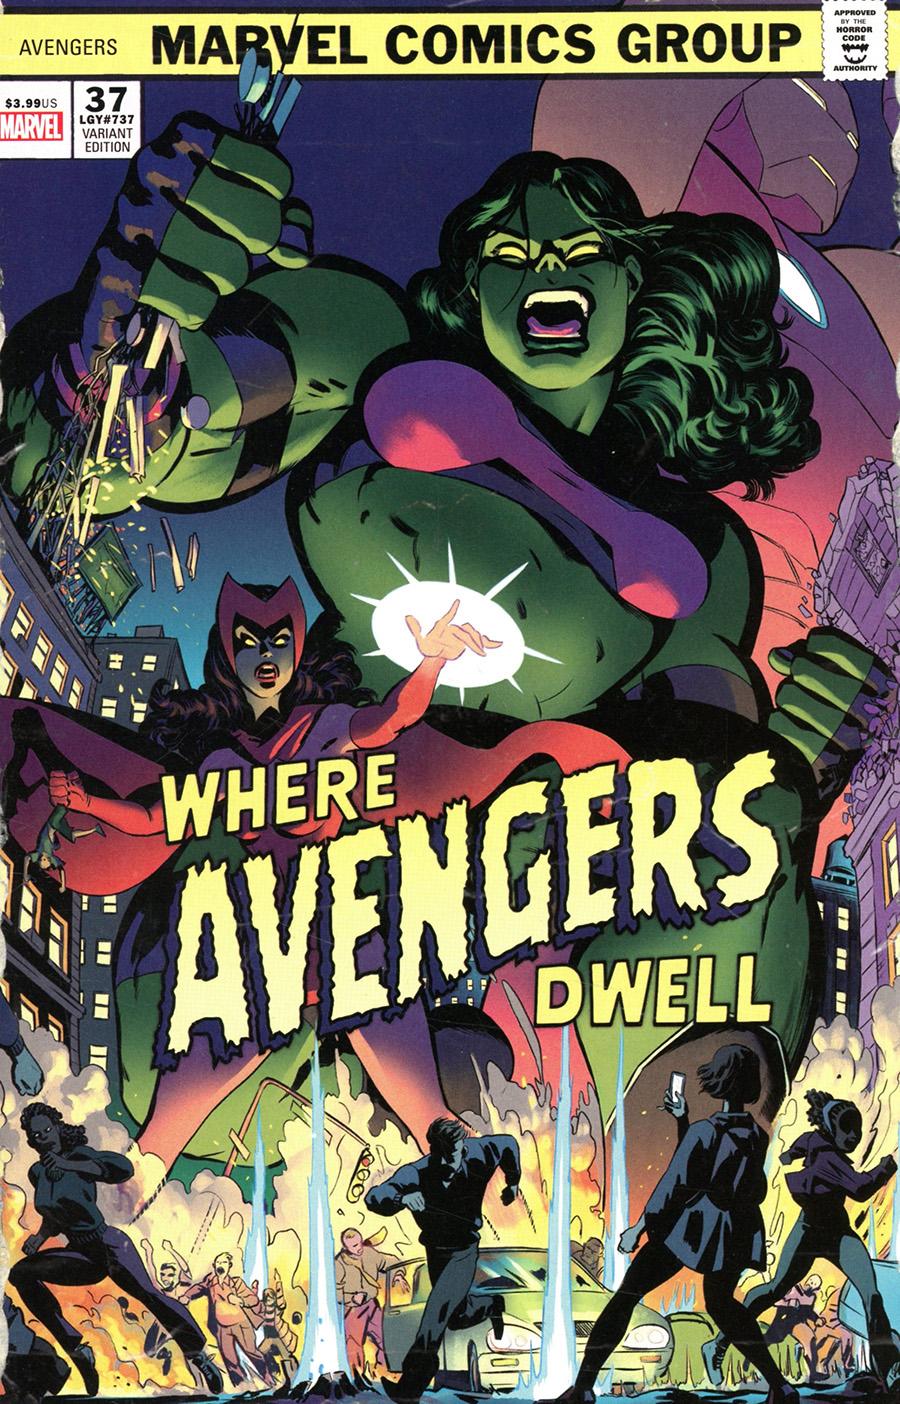 Avengers Vol 7 #37 Cover C Variant Javier Rodriguez Where Avengers Dwell Horror Cover